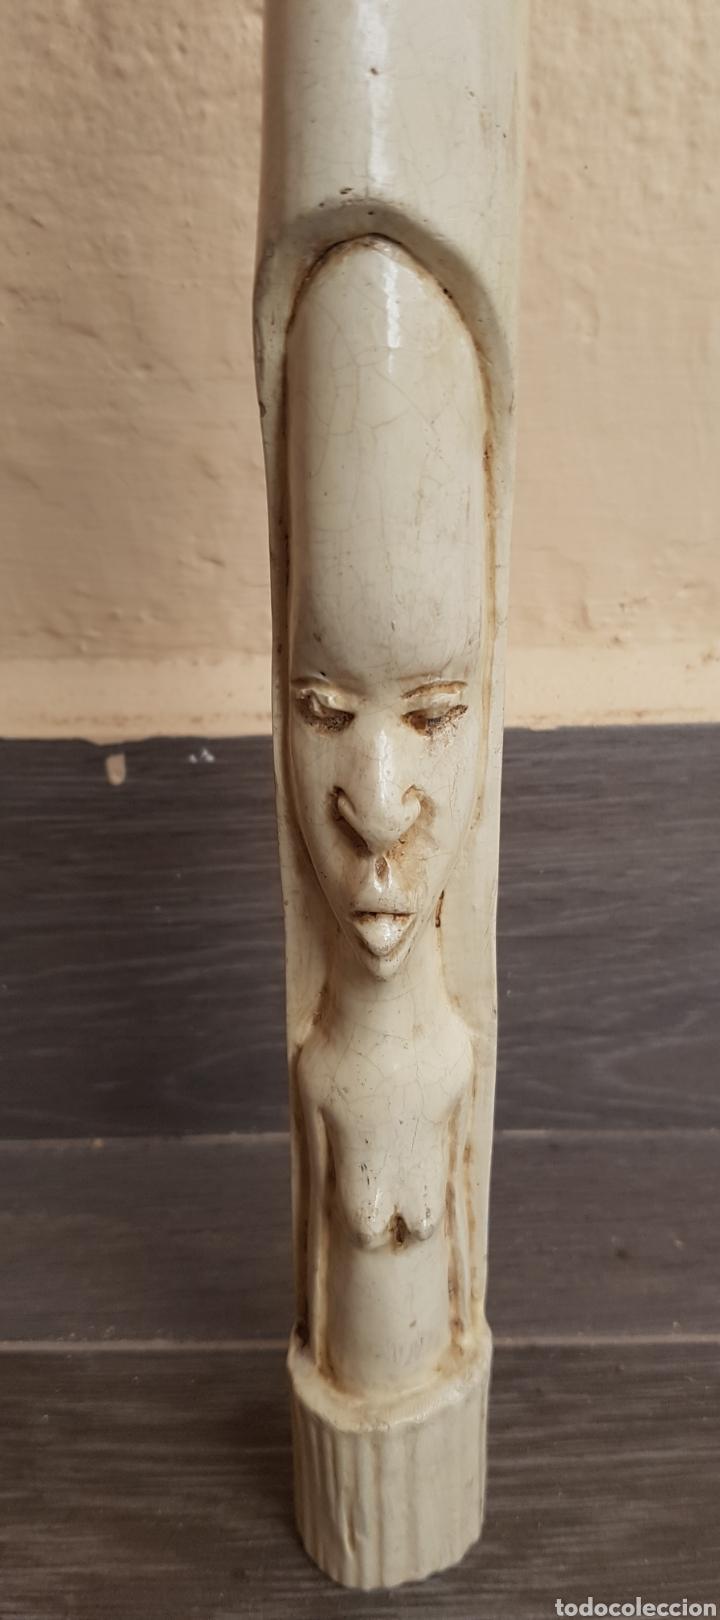 TALLA SOBRE MARFIL O MALFILINA (Arte - Escultura - Otros Materiales)